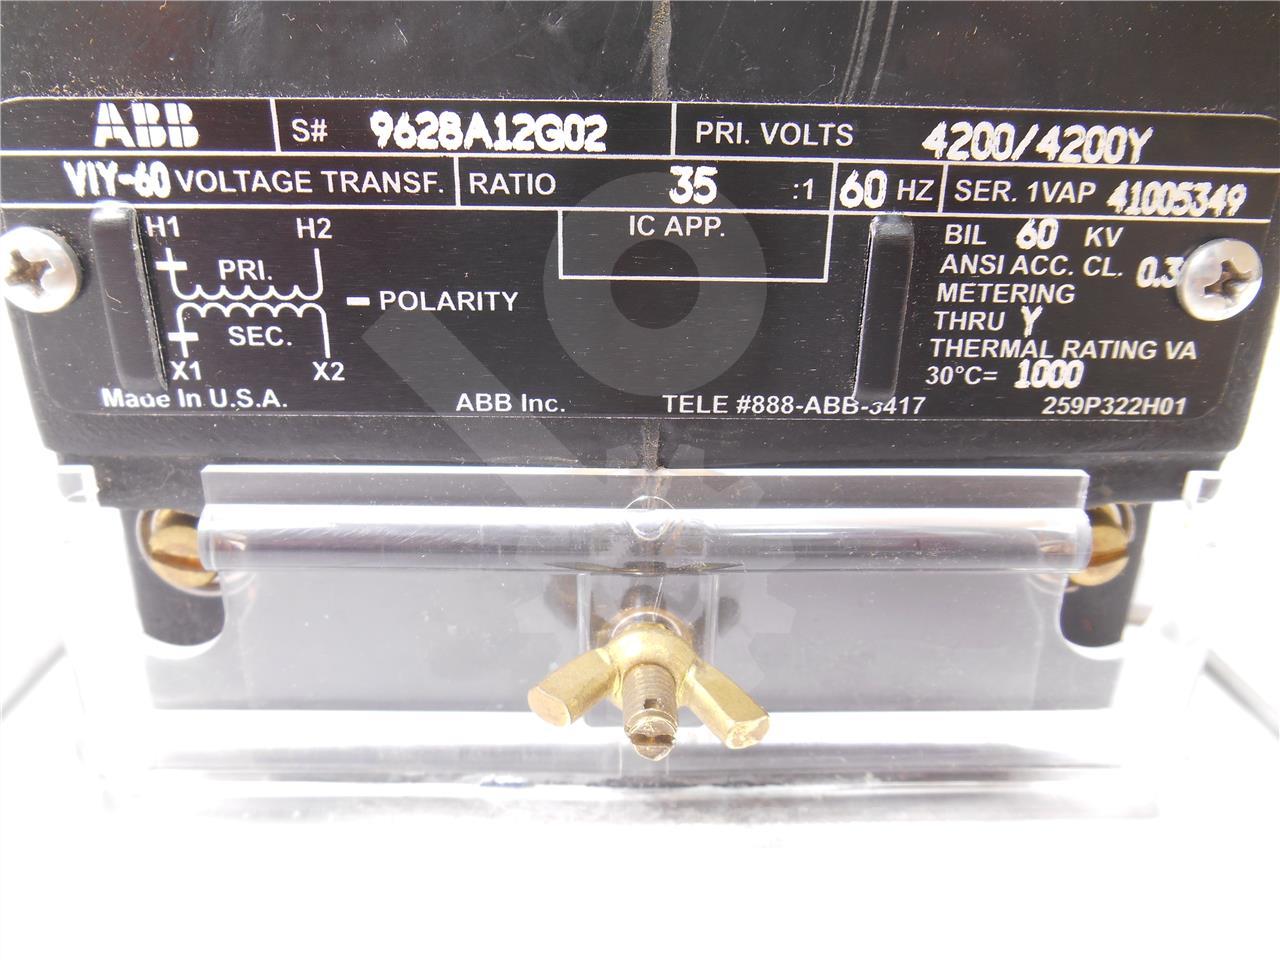 ABB / ITE / BBC ABB 35:1 VIY-60 POTENTIAL TRANSFORMER UNUSED SURPLUS